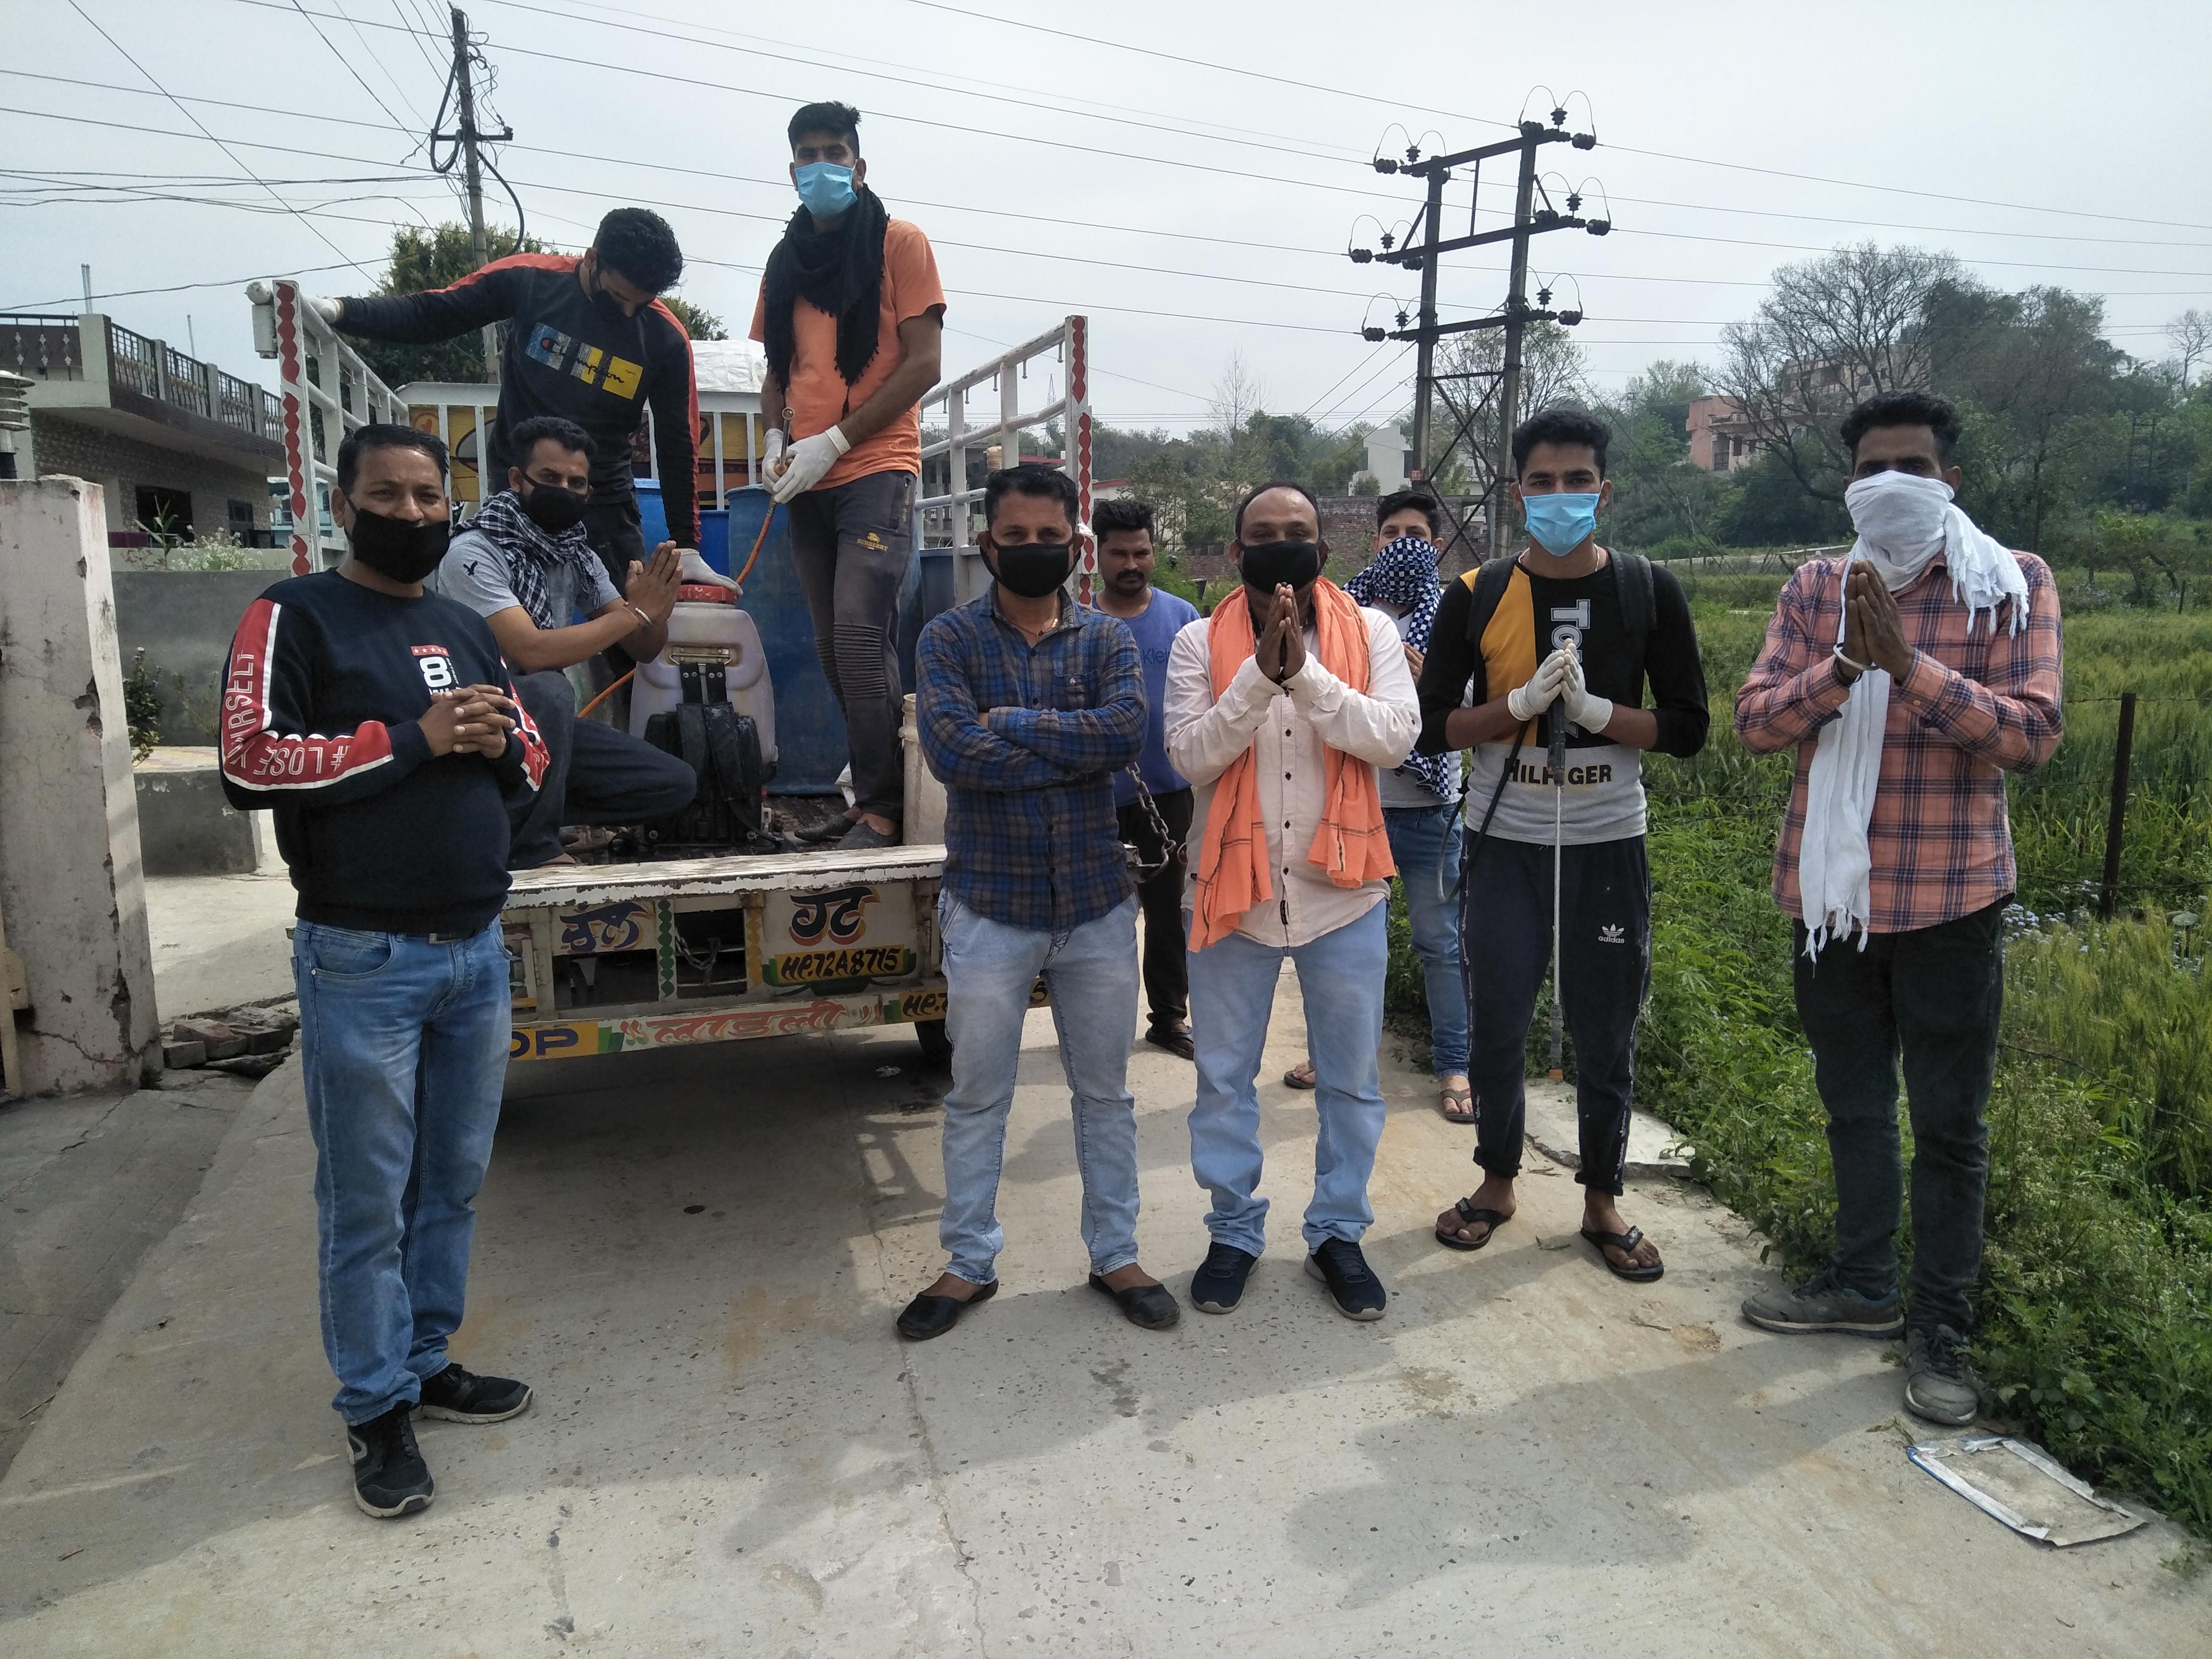 कोरोना वायरस की रोकथाम के लिएशिव शक्ति क्लब के सदस्यों ने मलाहत गांव में किया दवाई का छिडकाव